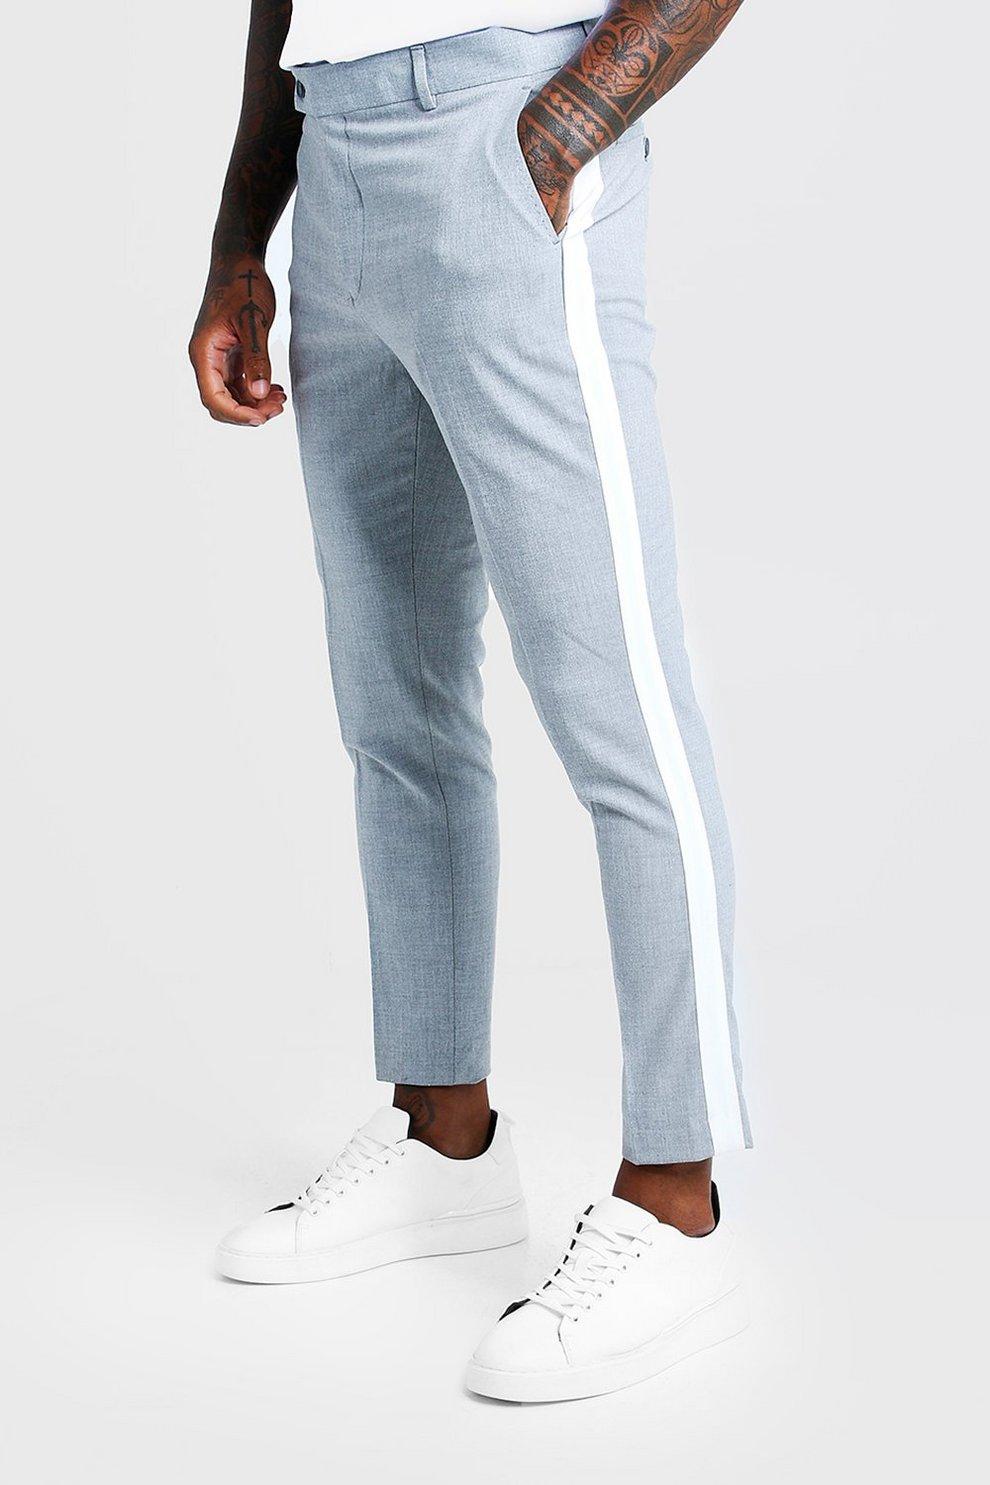 beliebt kaufen üppiges Design Bestseller einkaufen Elegante, knöchellange Hose mit Zierband